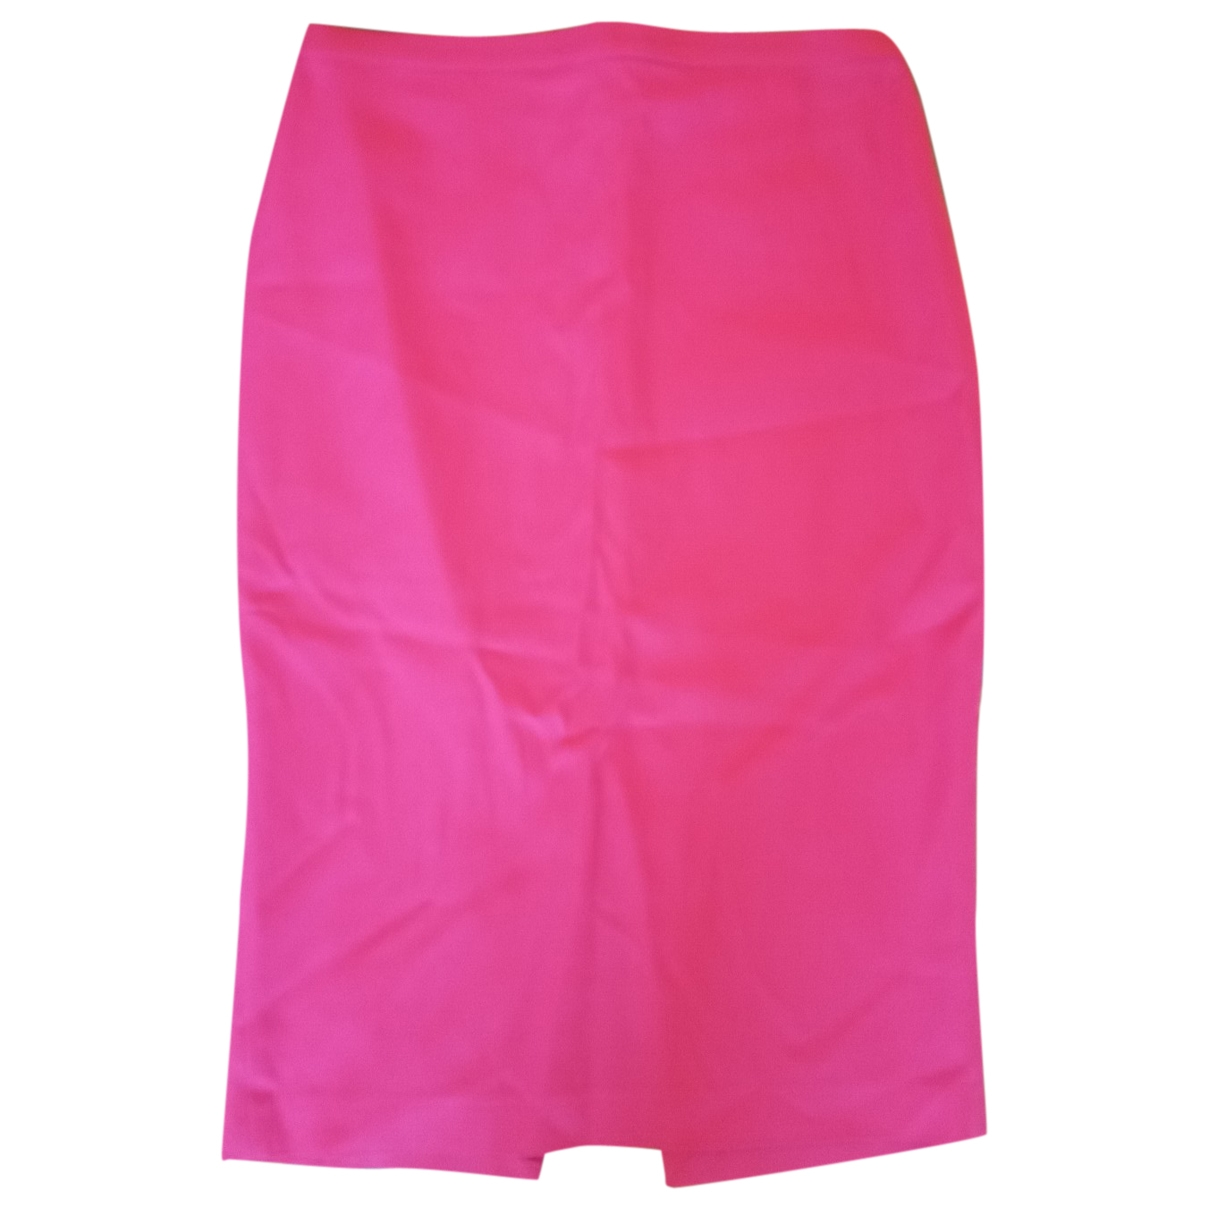 D&g \N Pink skirt for Women 42 IT